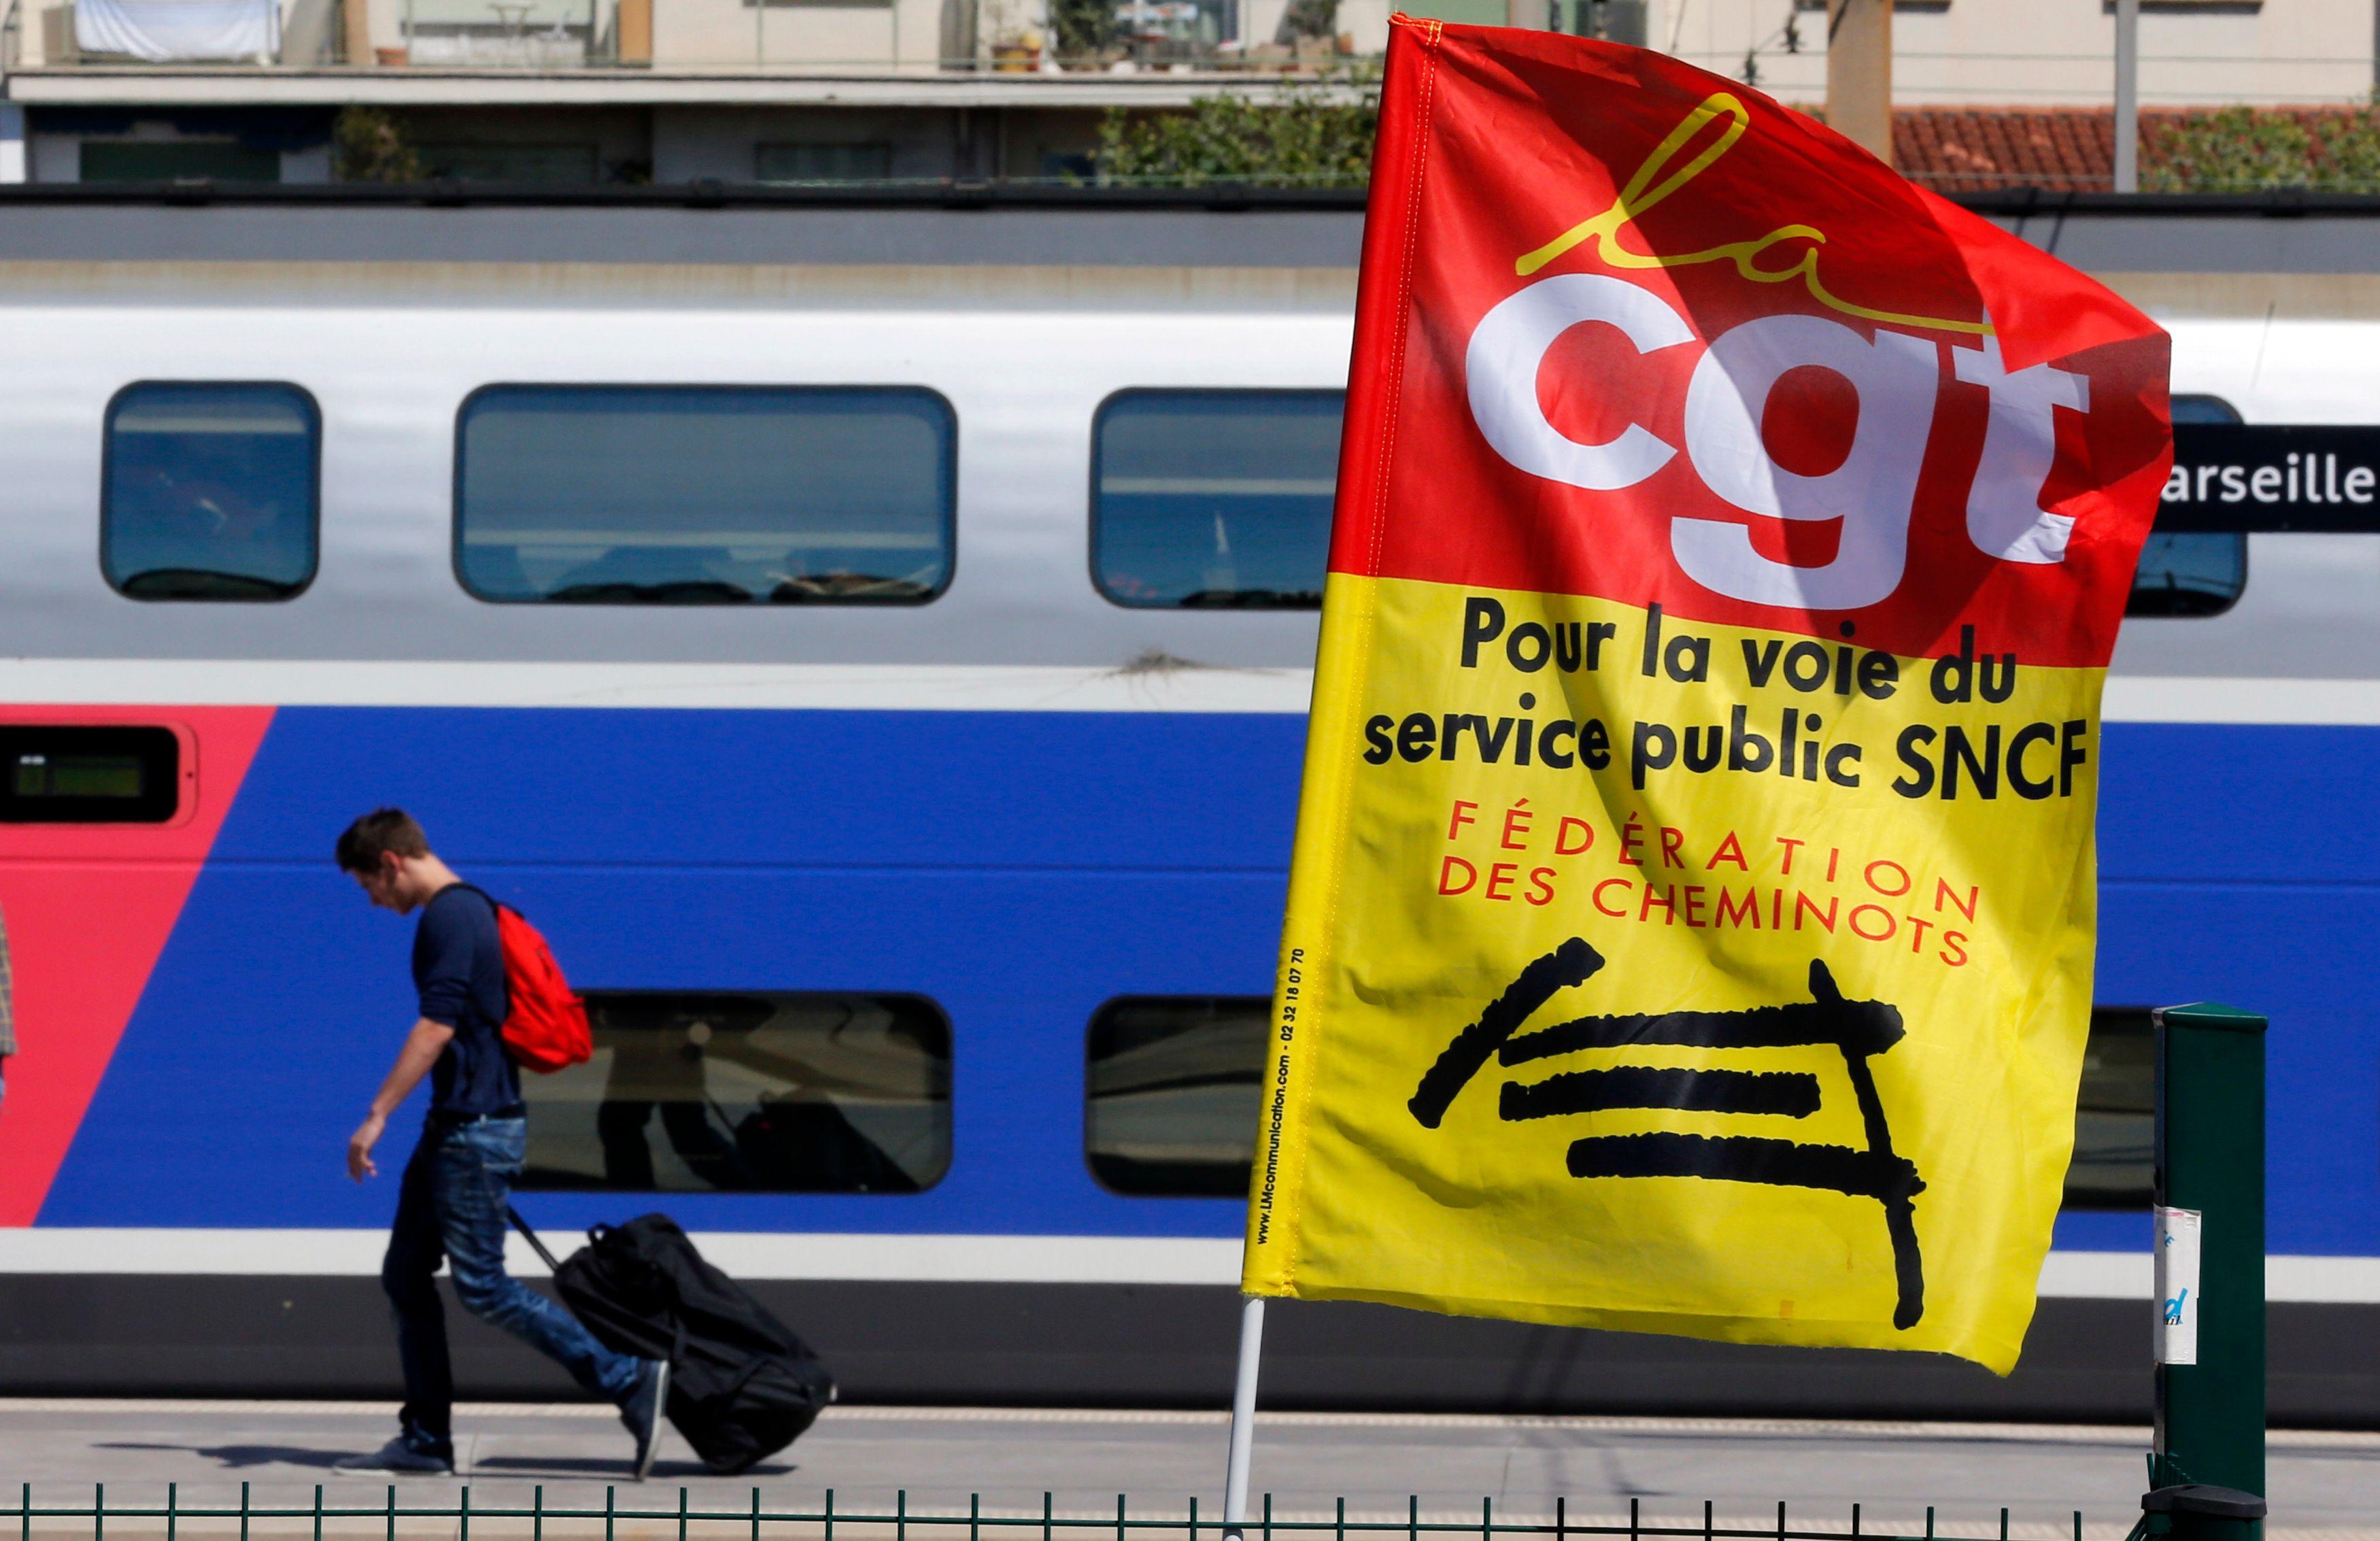 Grève de la SNCF : des concessions ont été faites par le gouvernement.